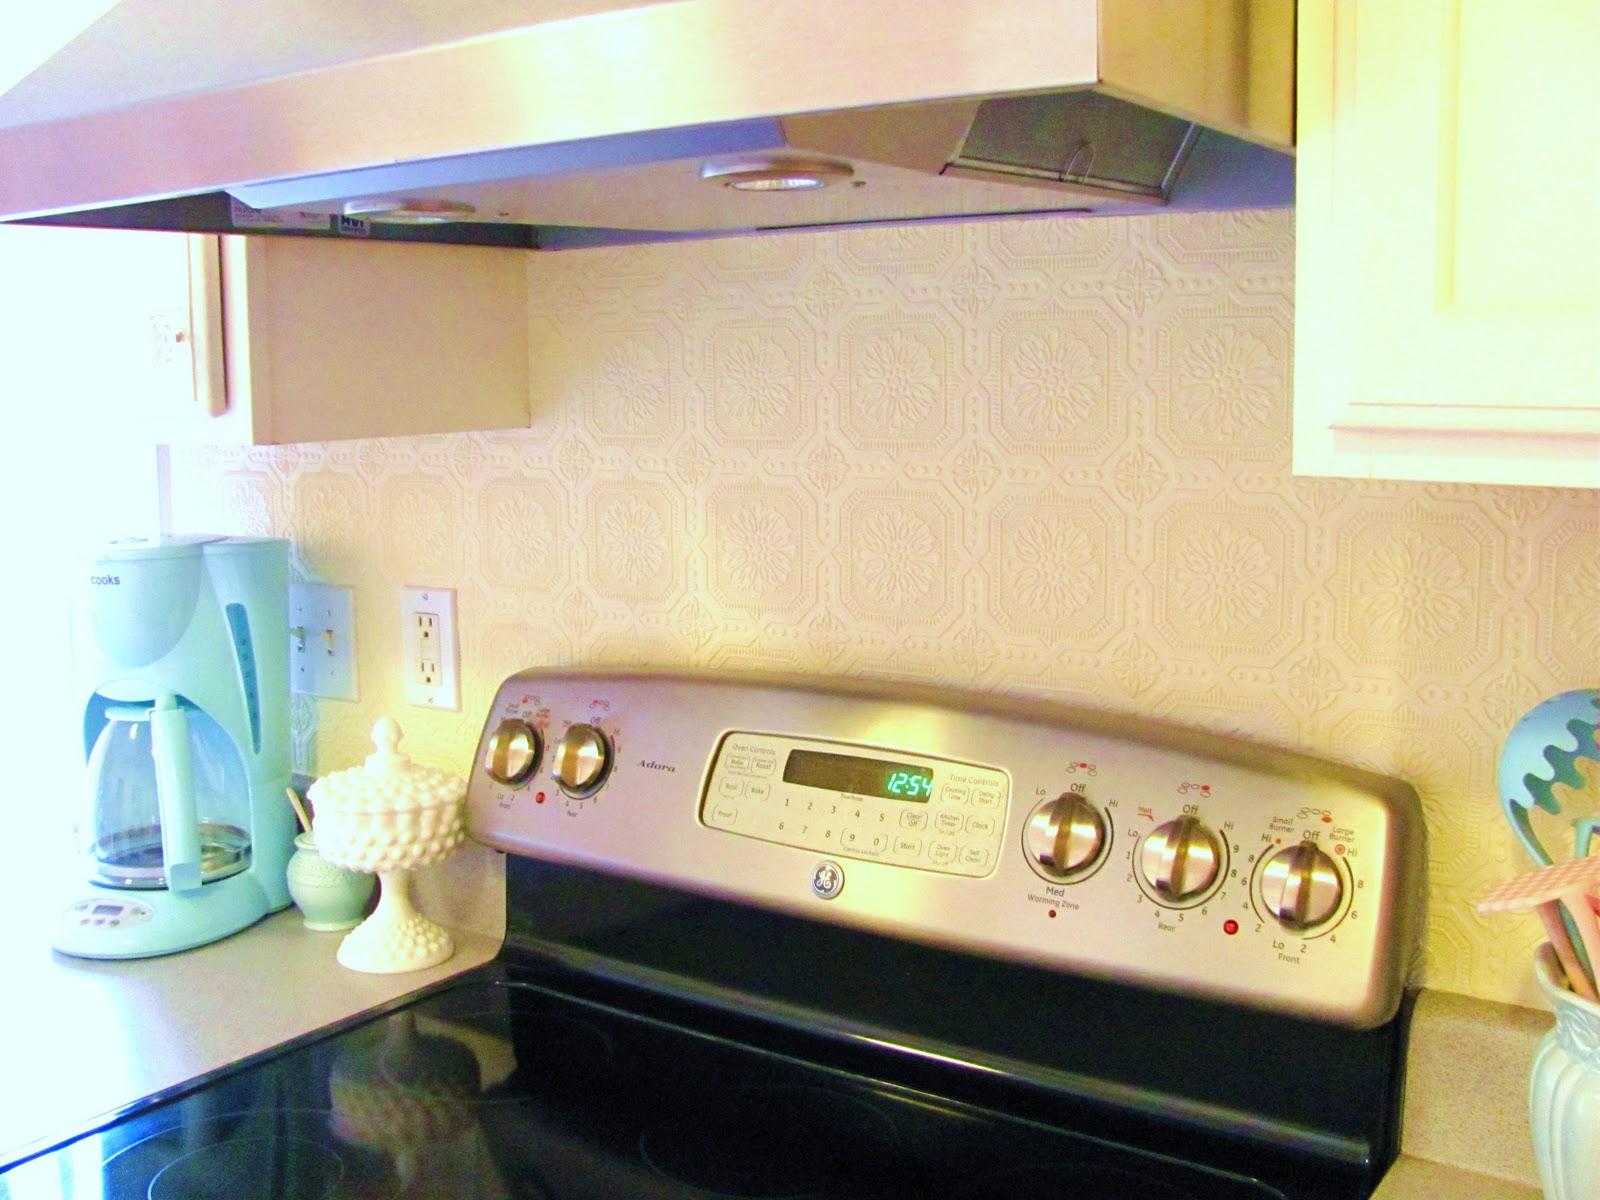 http://2.bp.blogspot.com/_xo7qBBquSuY/TS_FEdCA7ZI/AAAAAAAAACg/y7AM8DIuBJ8/s1600/kitchen7.JPG